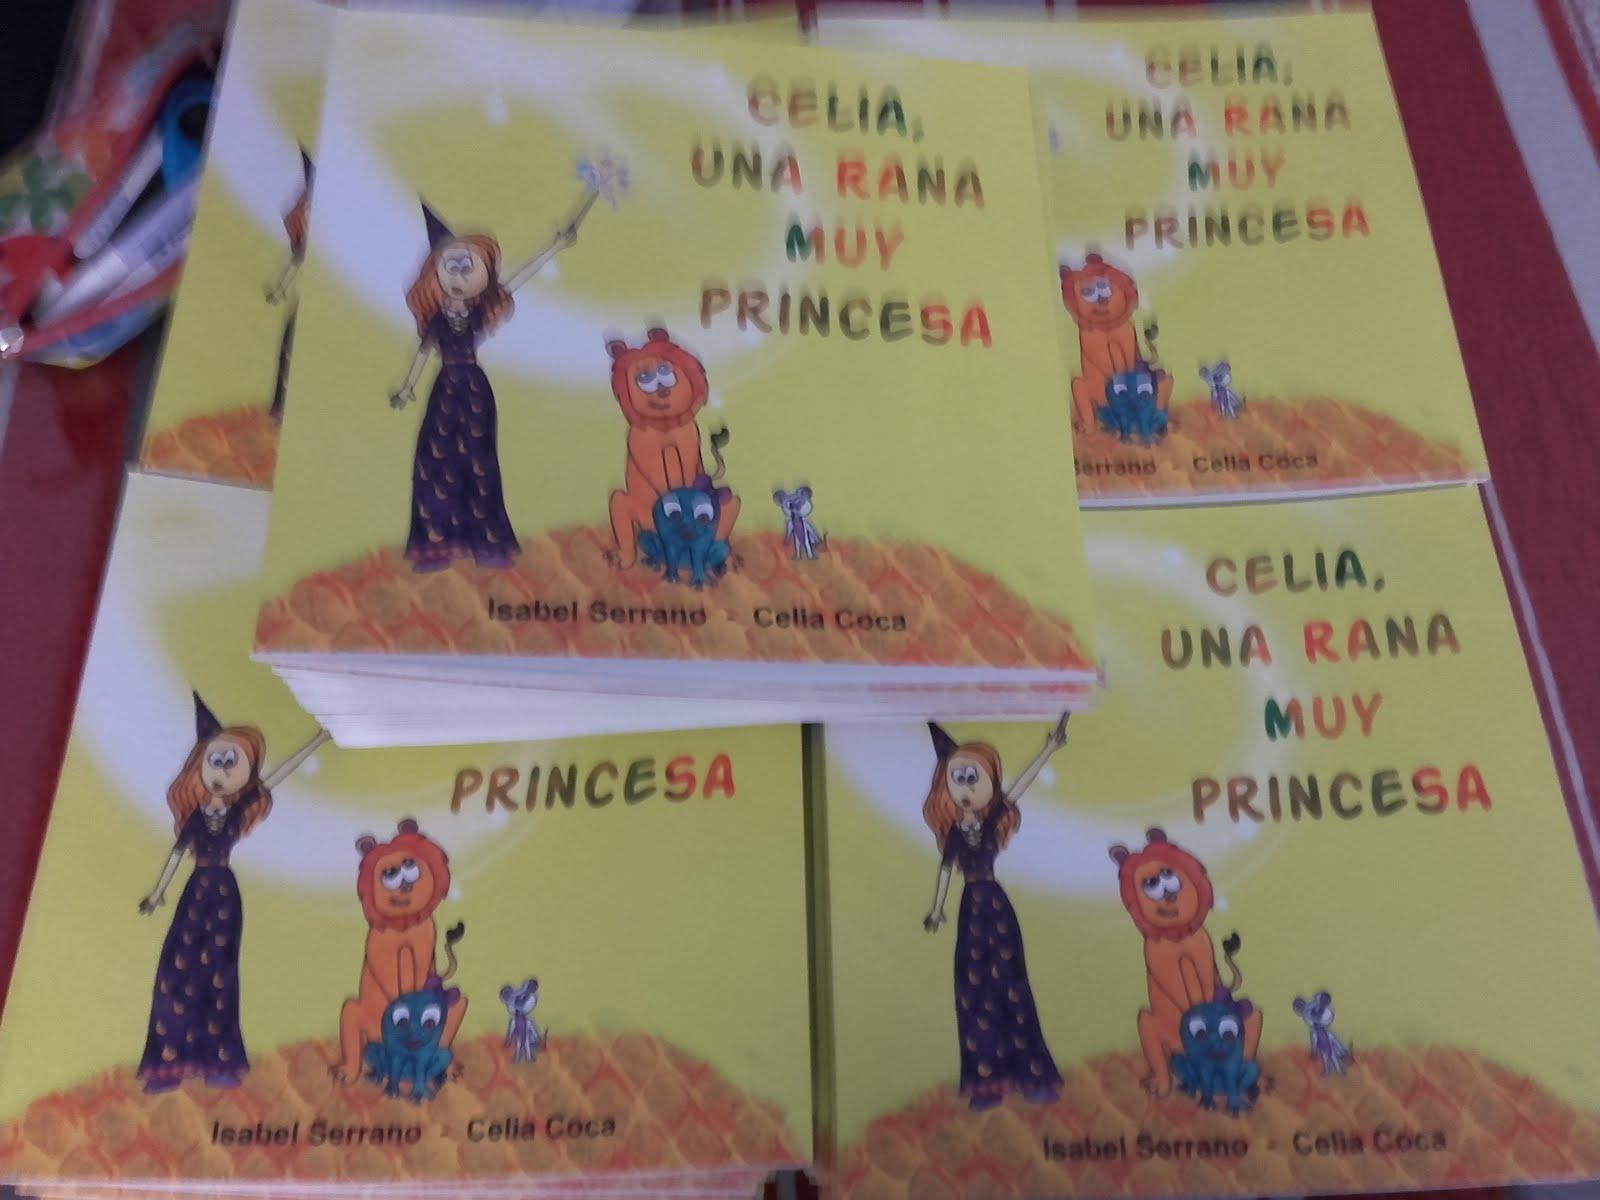 Celia una rana muy princesa